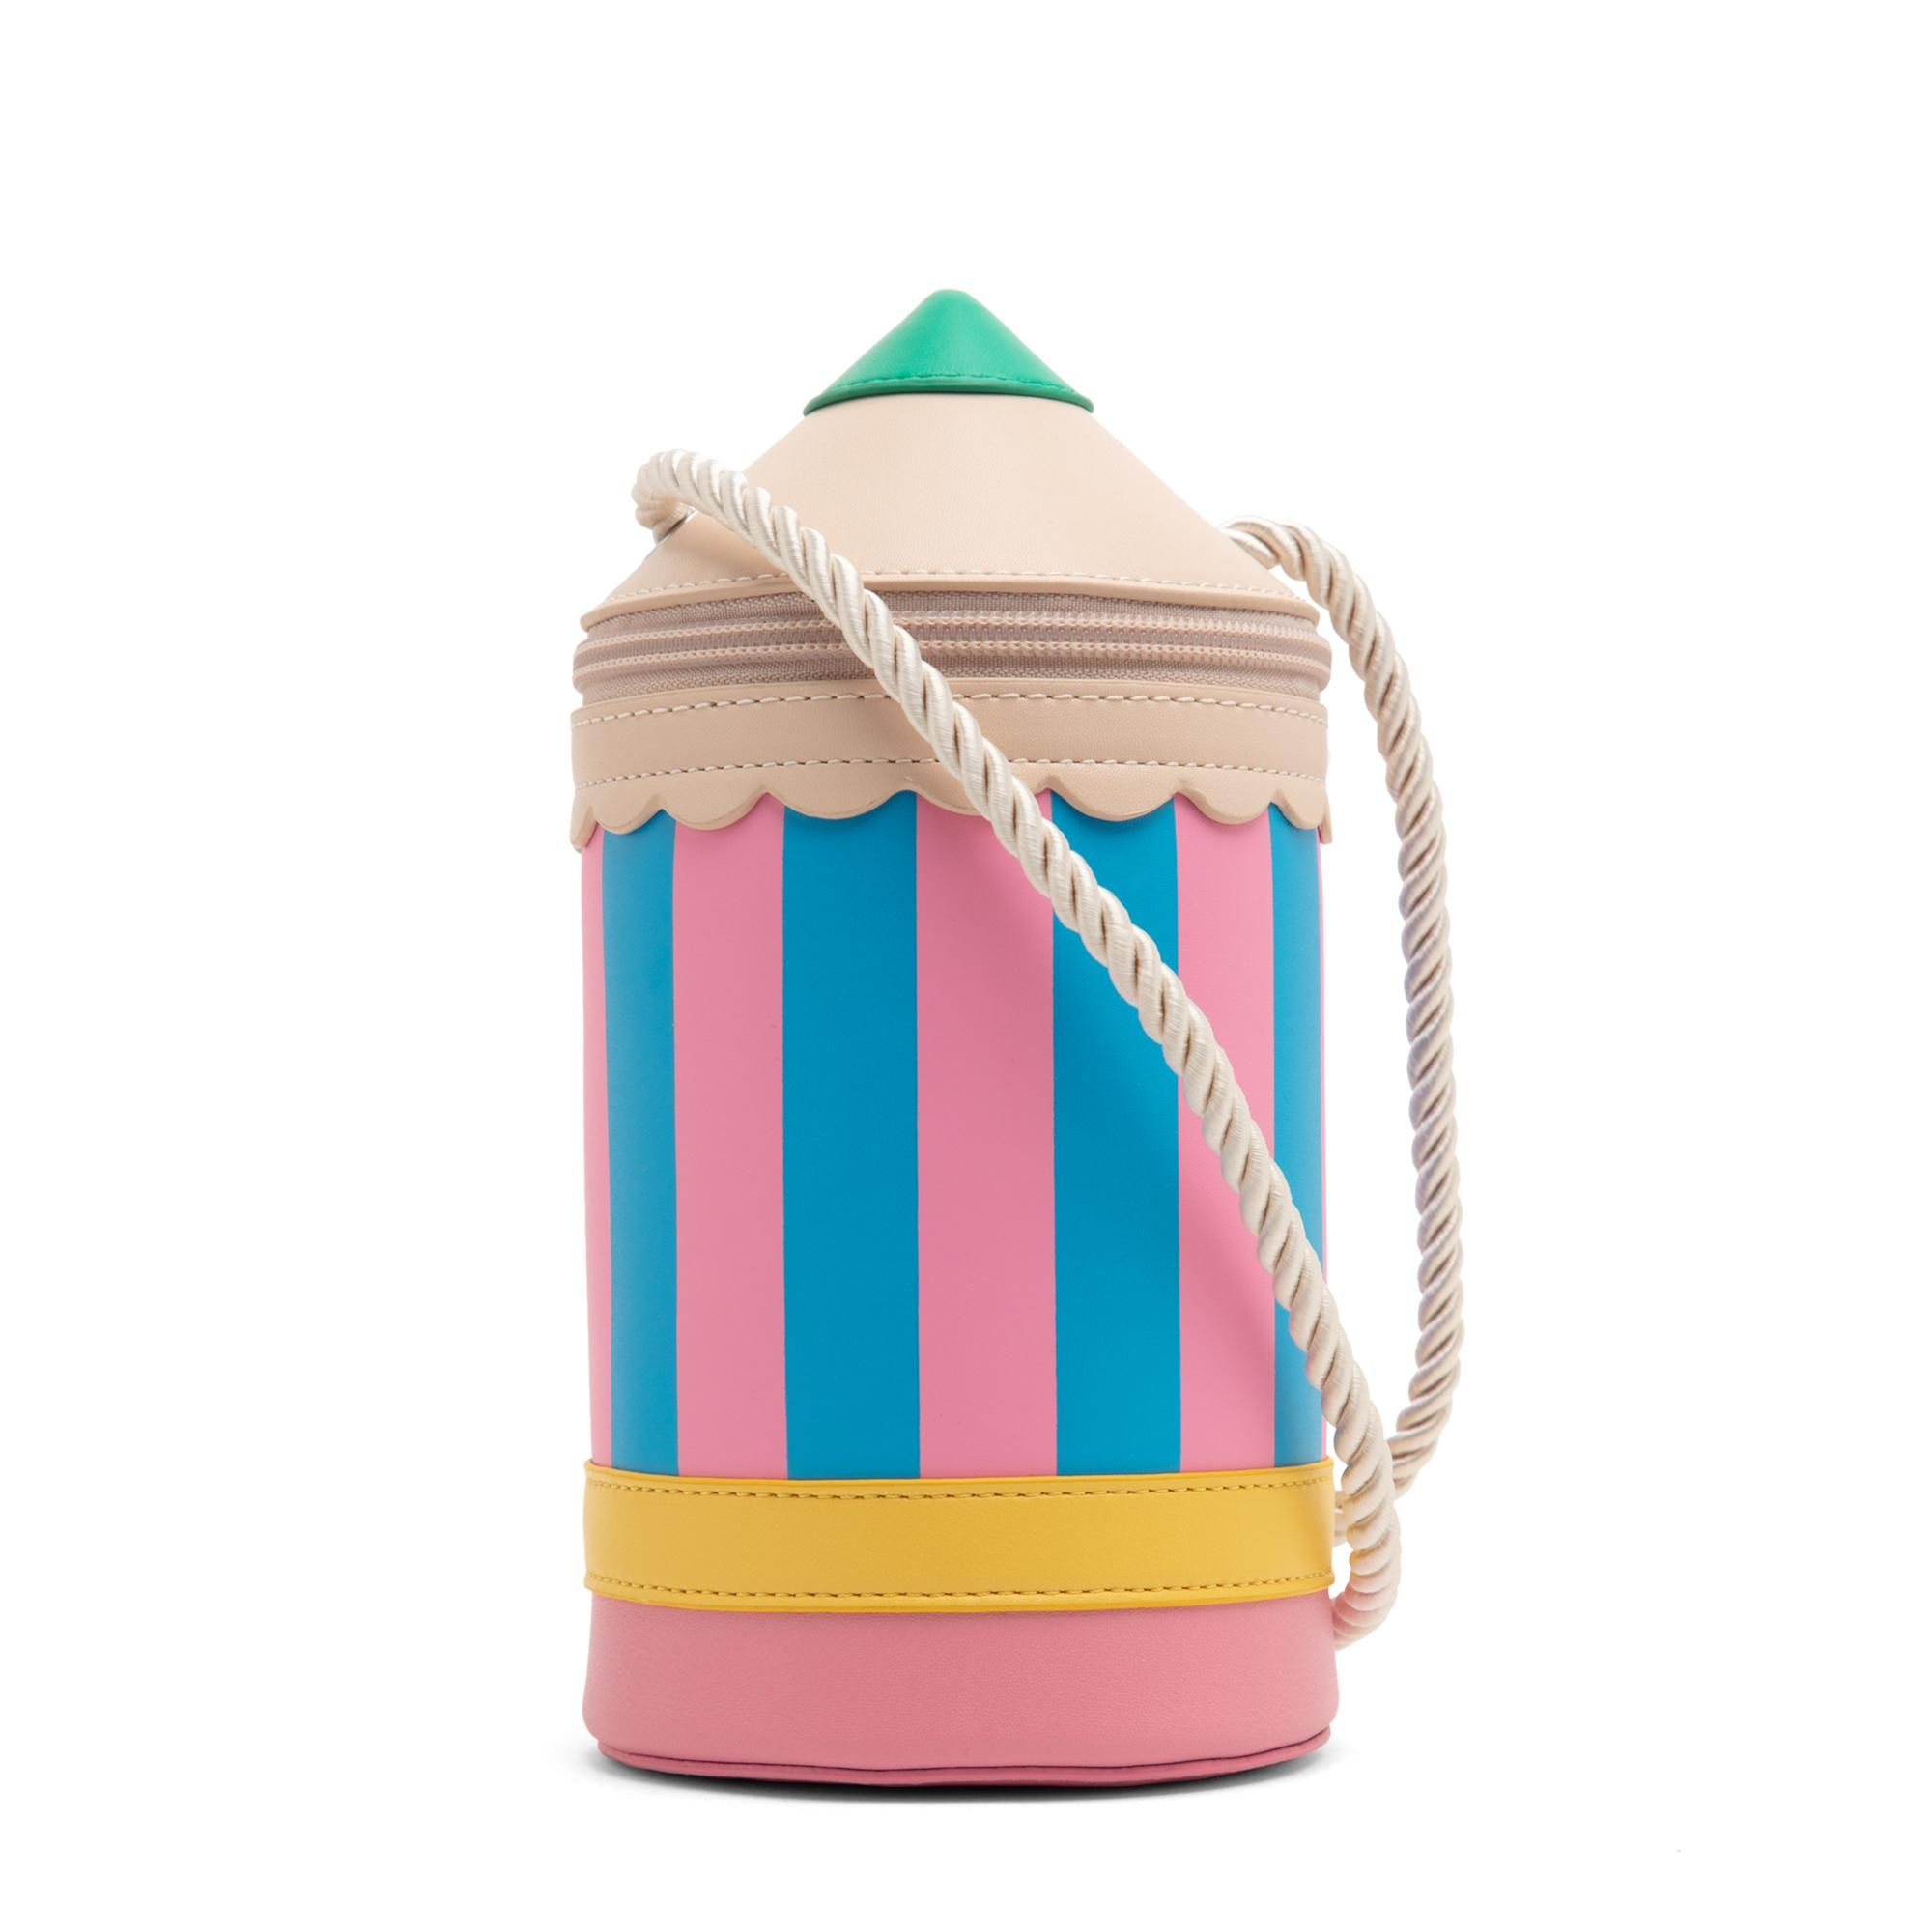 Pencil Alter Mat shoulder bag